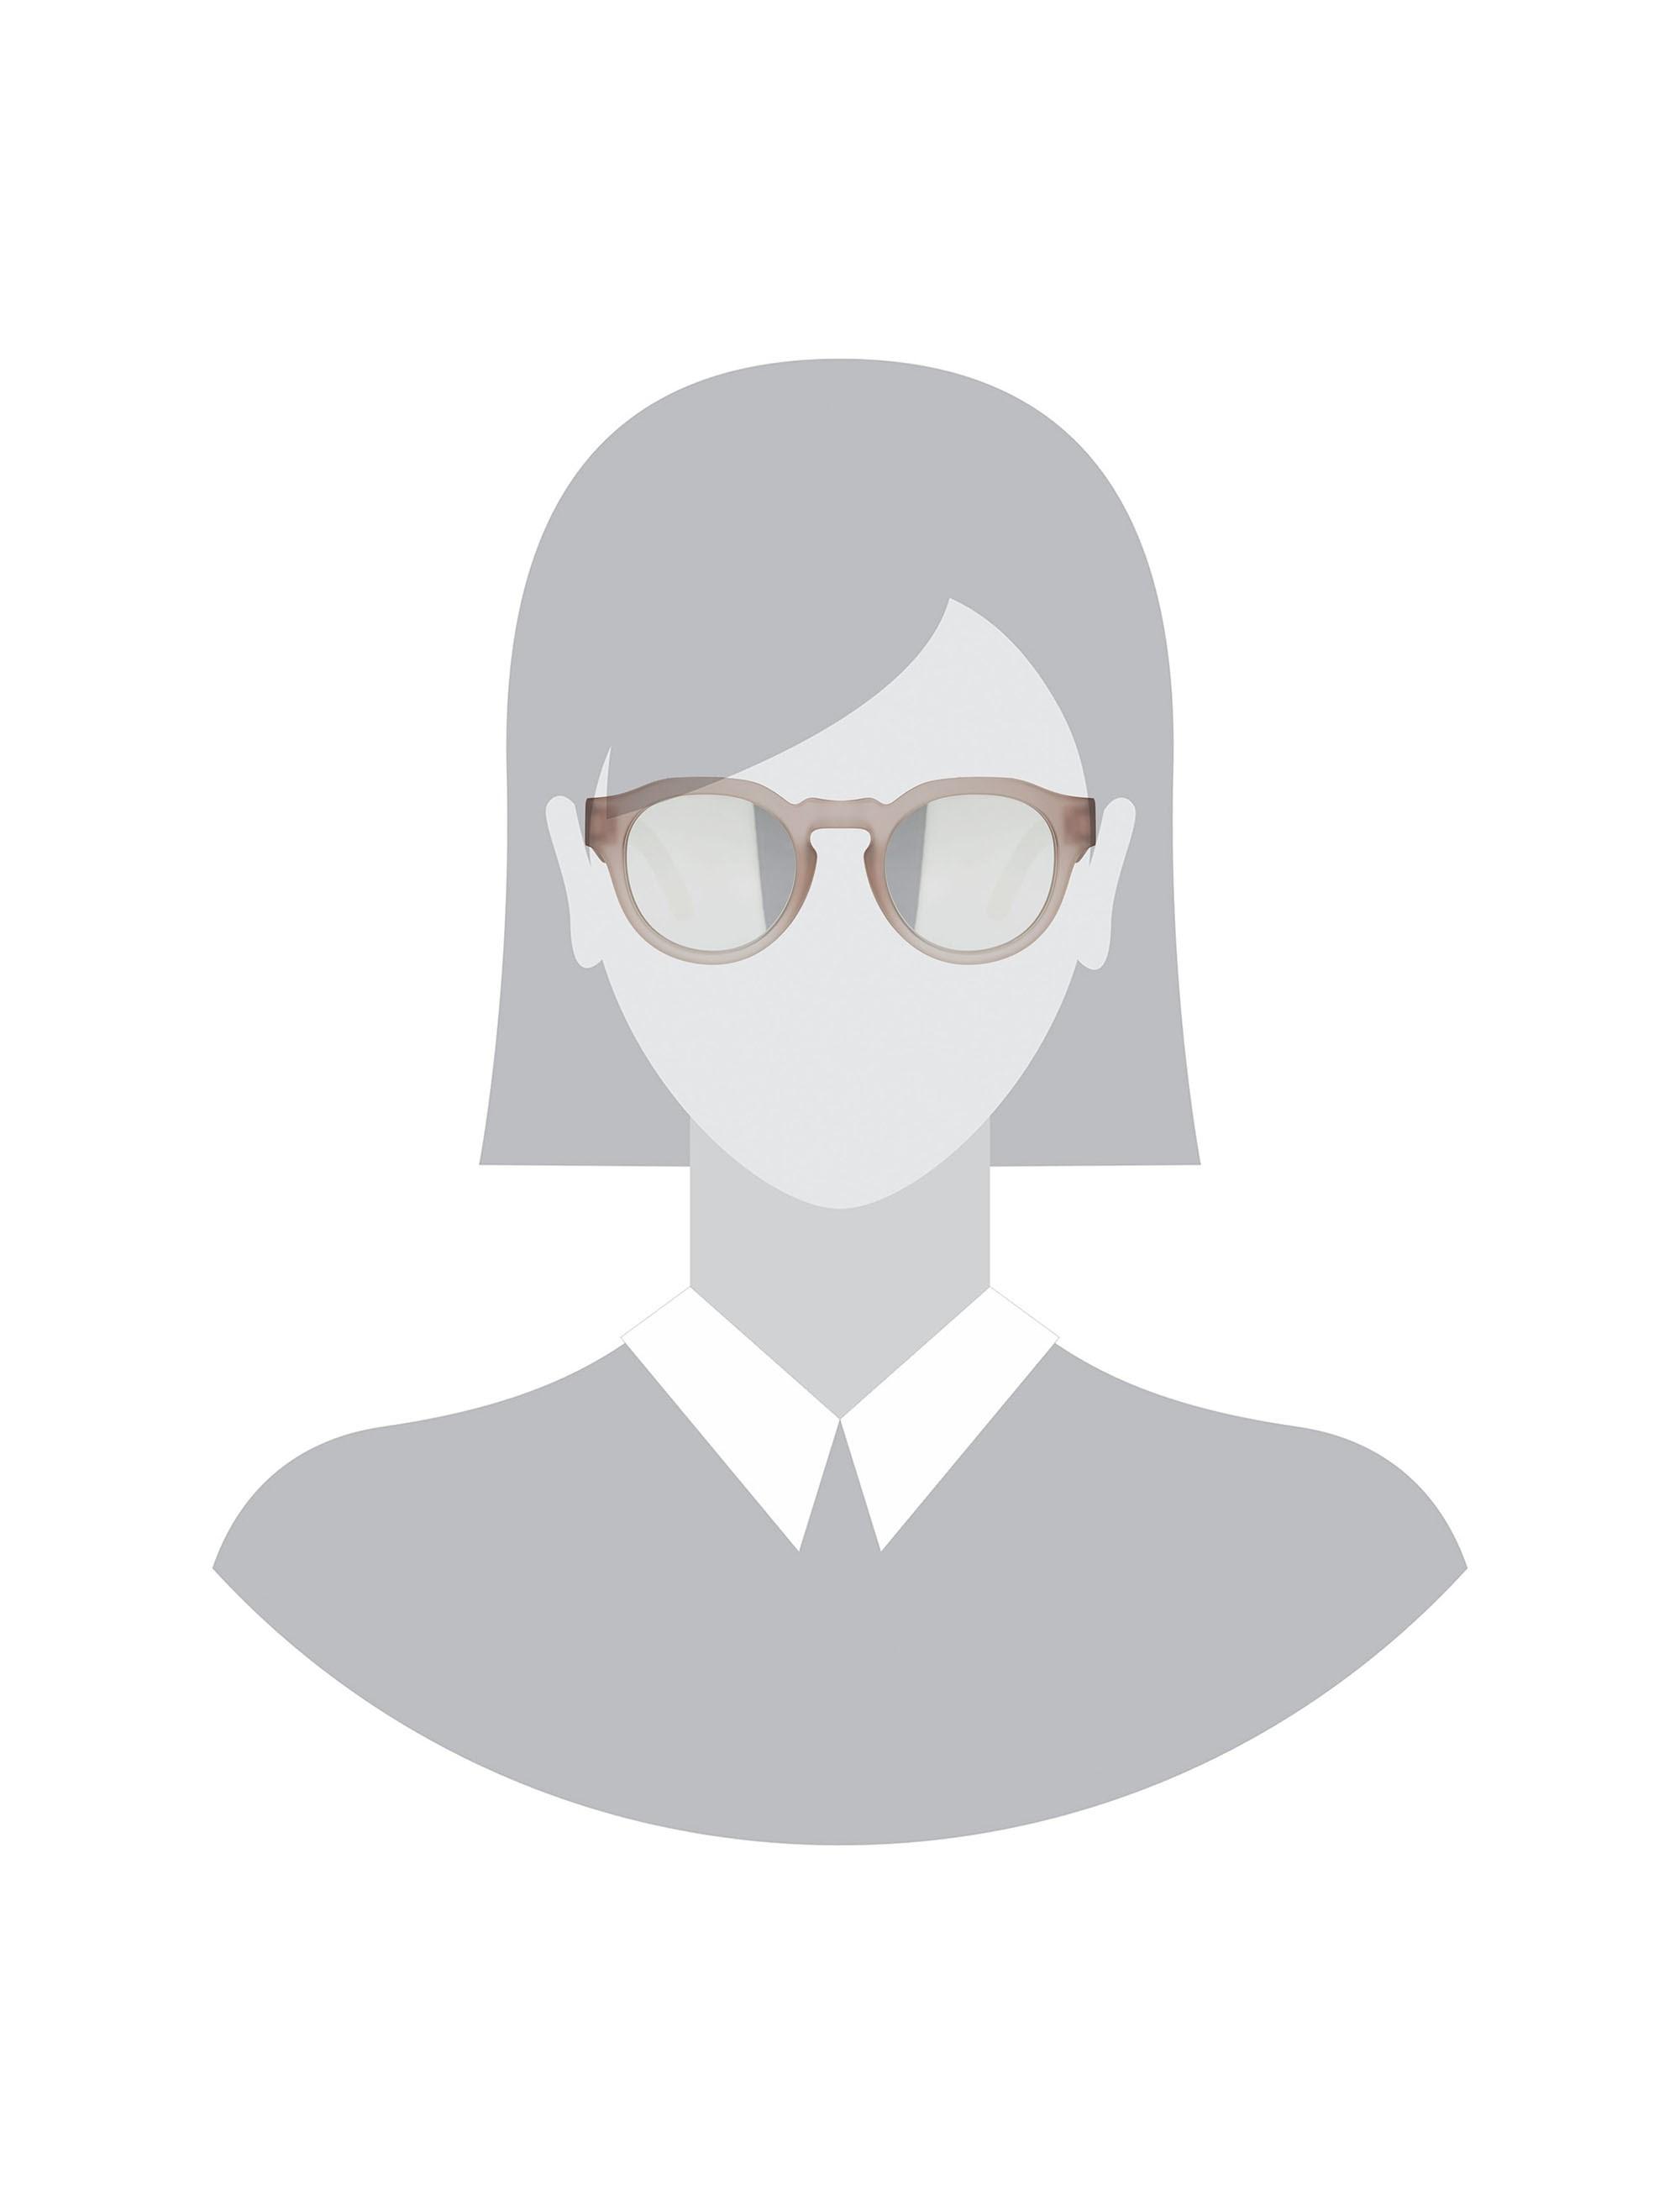 عینک آفتابی پنتوس بزرگسال Bryton - صورتي - 5